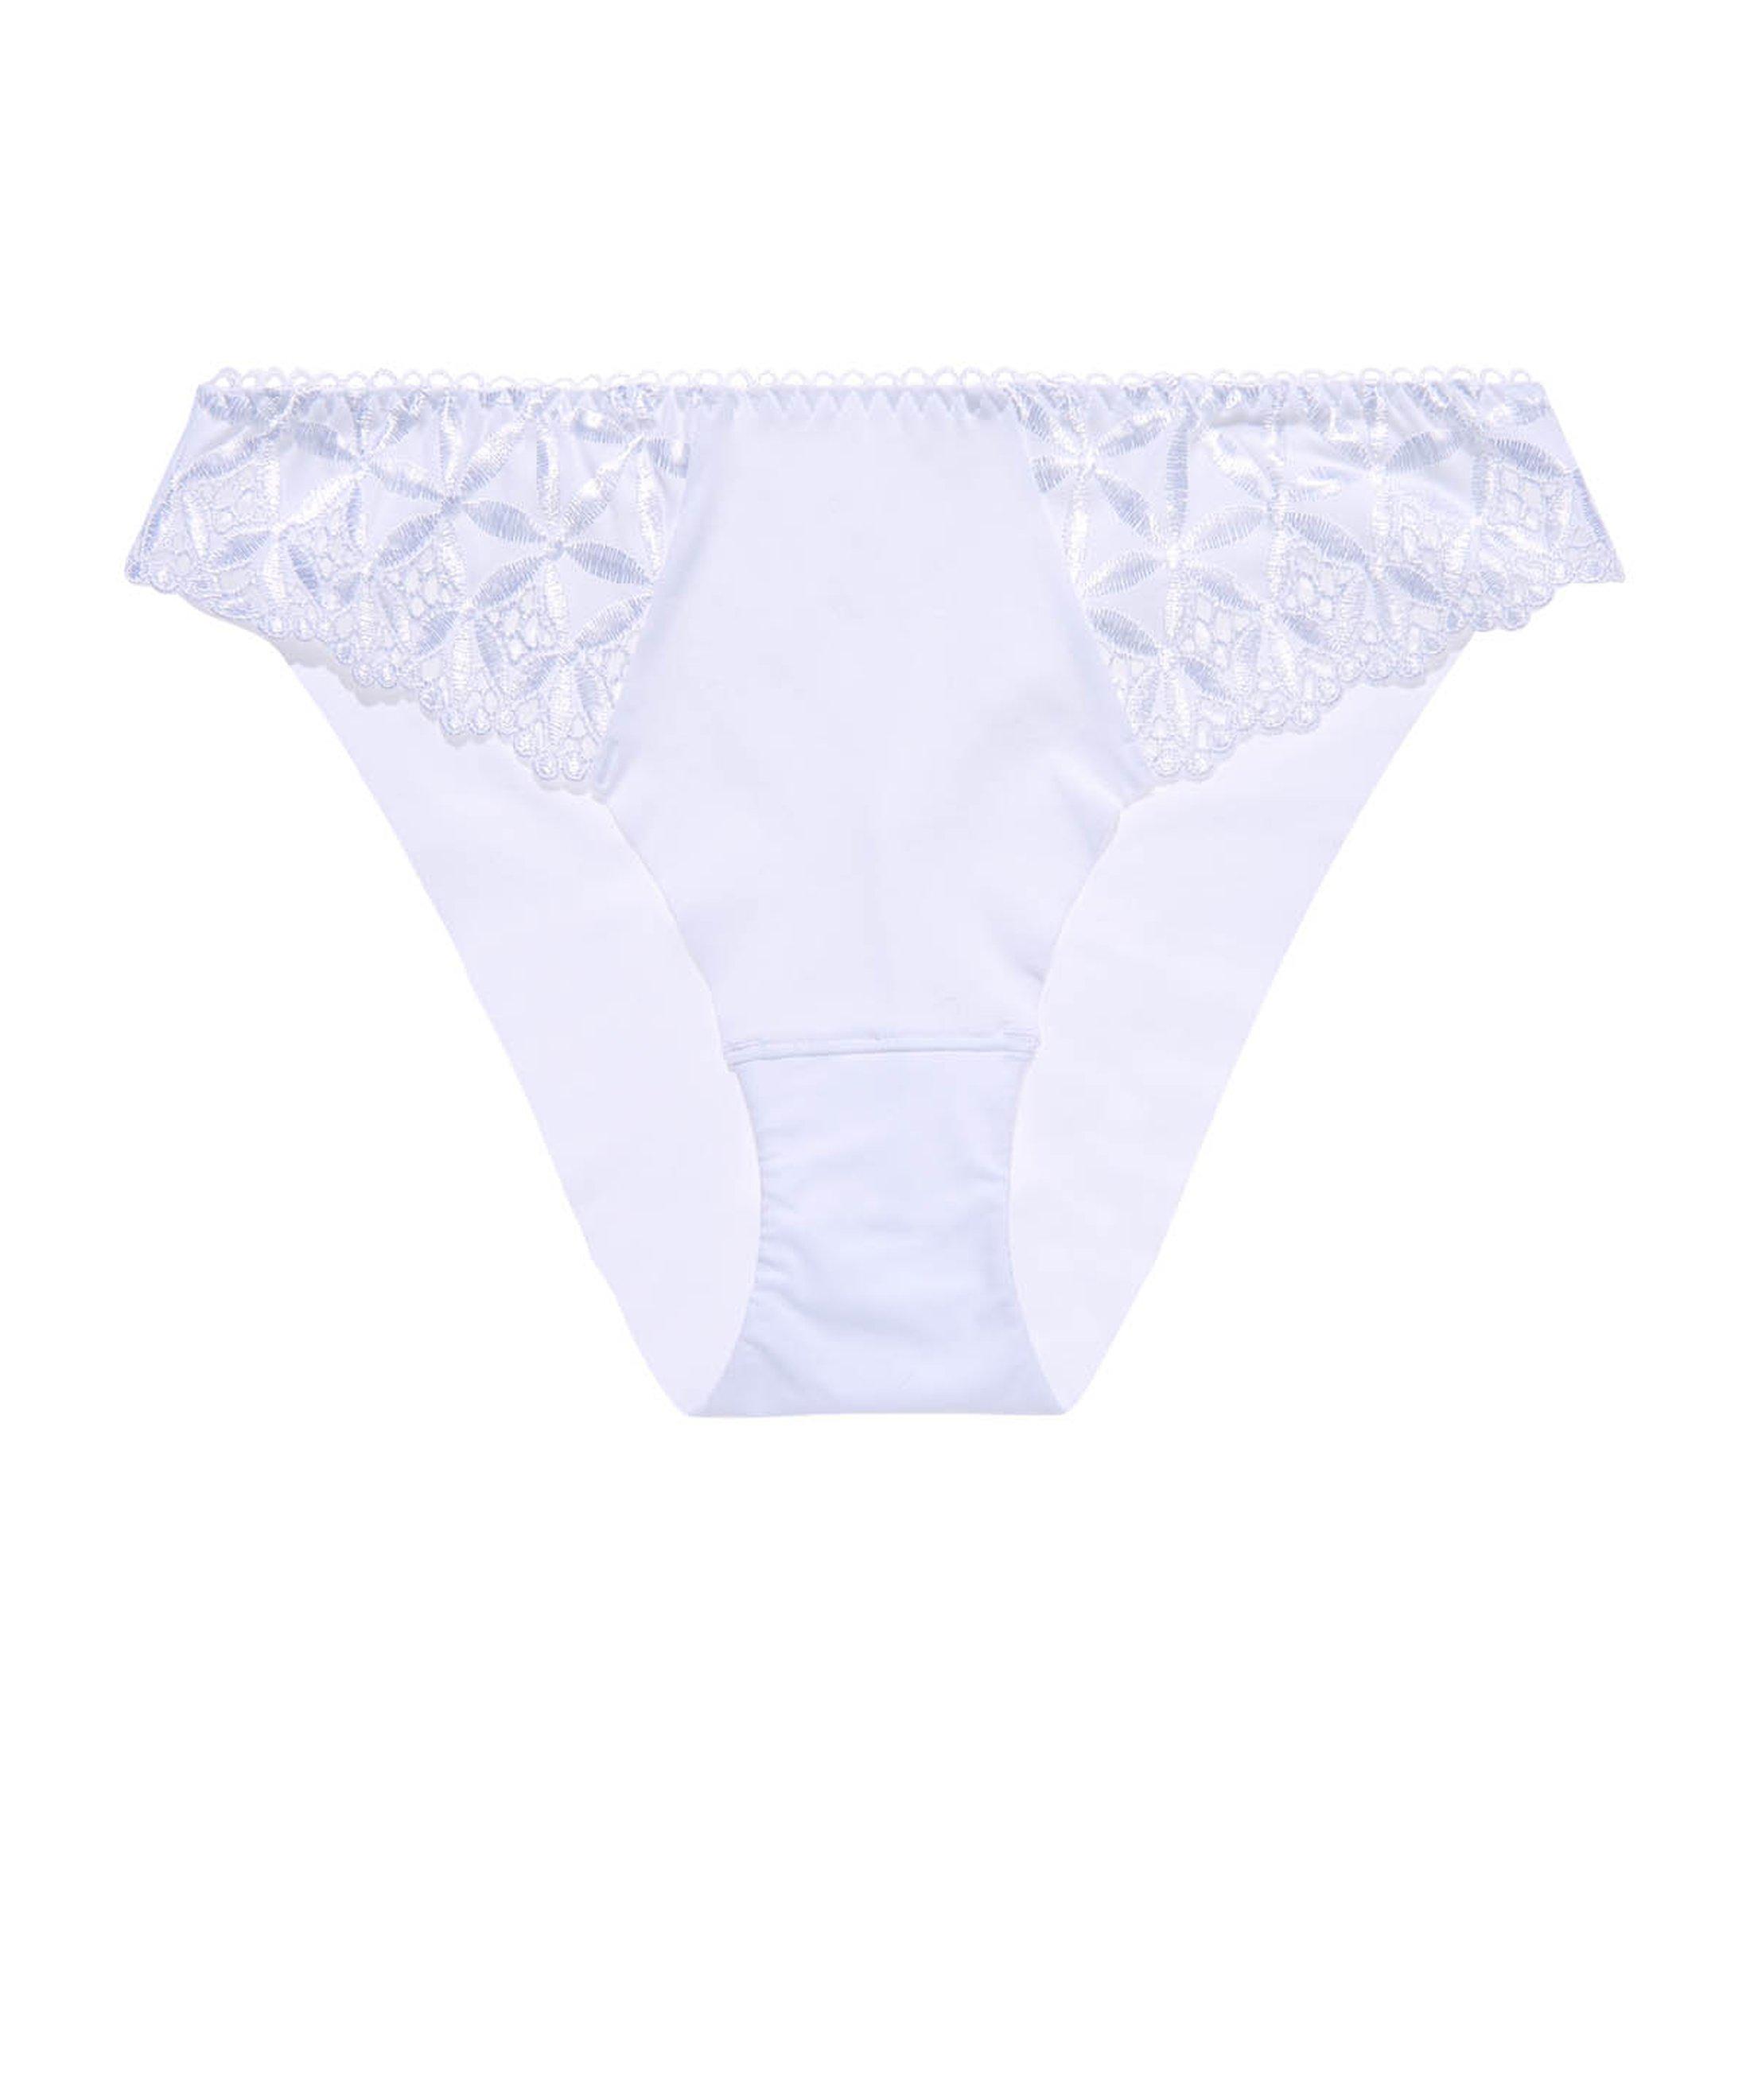 BAHIA ET MOI Culotte Brésilienne Blanc | Aubade